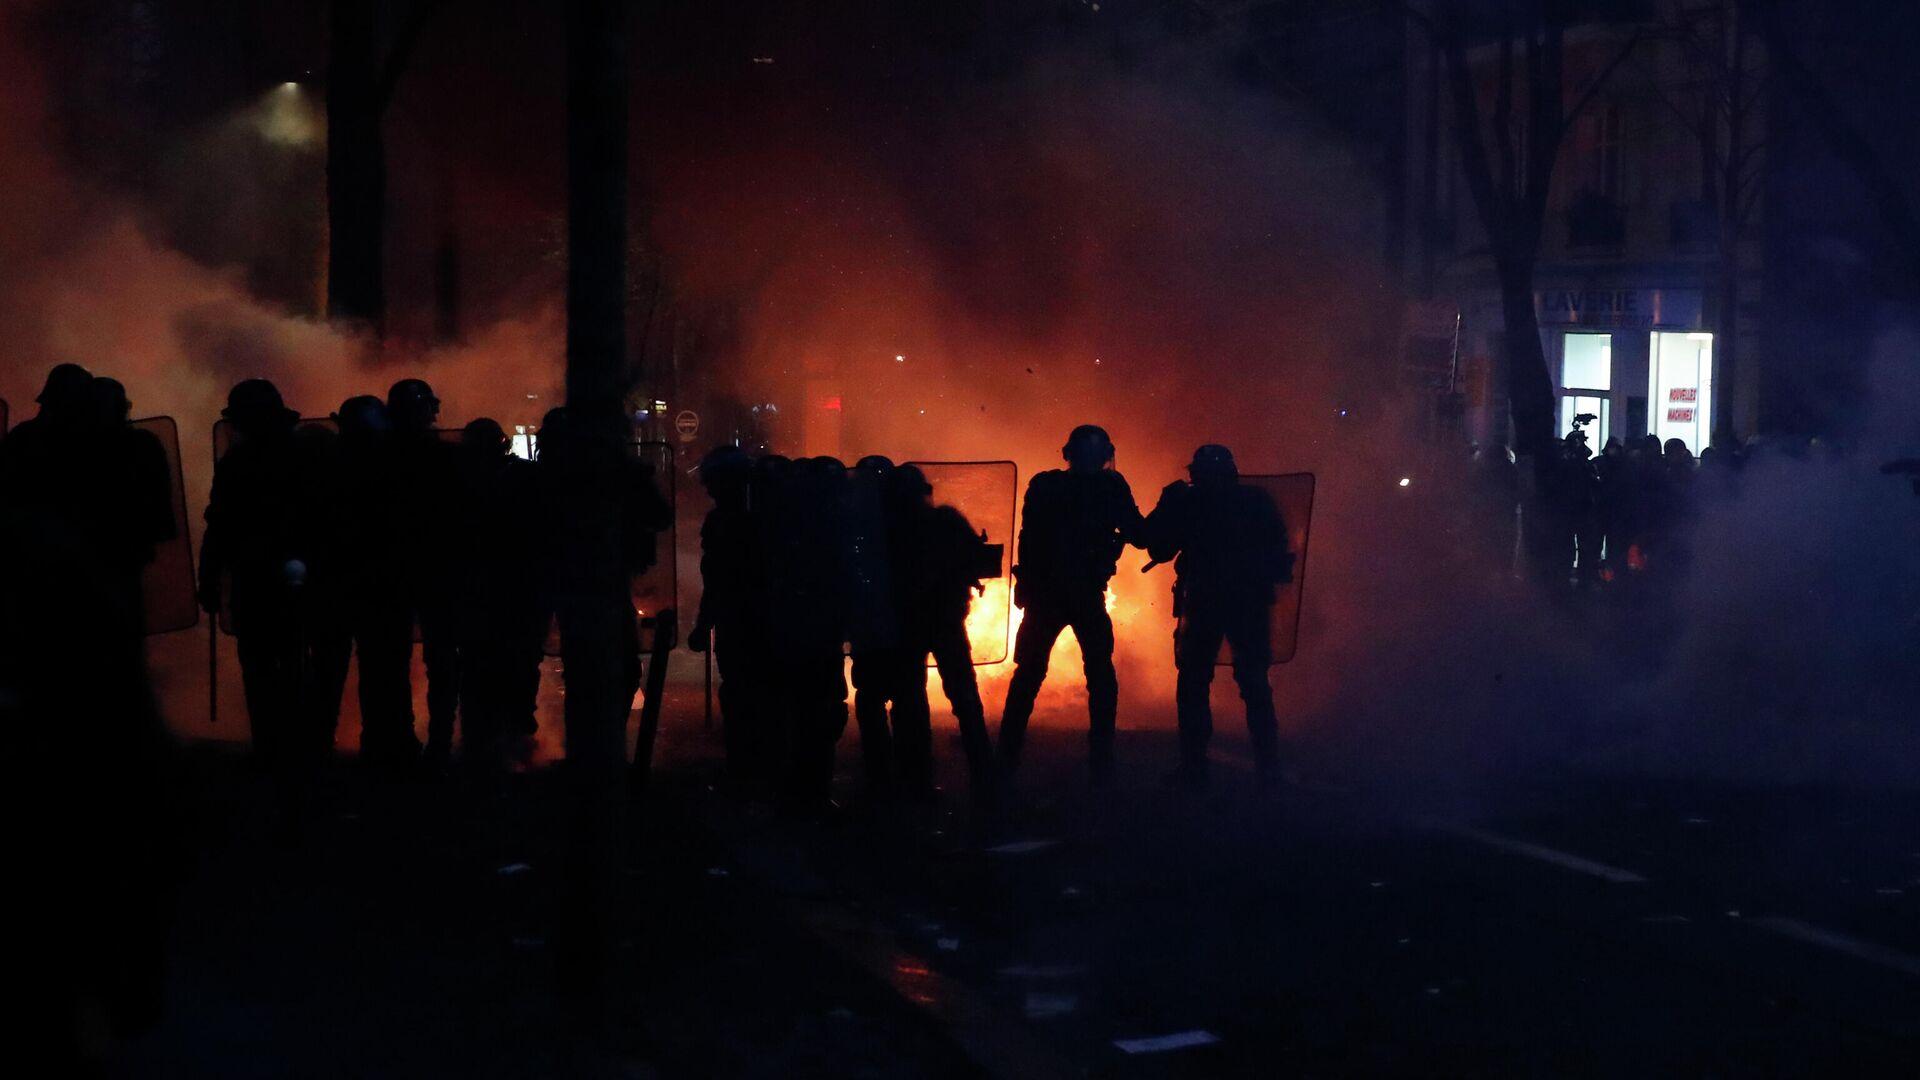 Полиция на акции протеста против законопроекта О глобальной безопасности в Париже - РИА Новости, 1920, 05.12.2020